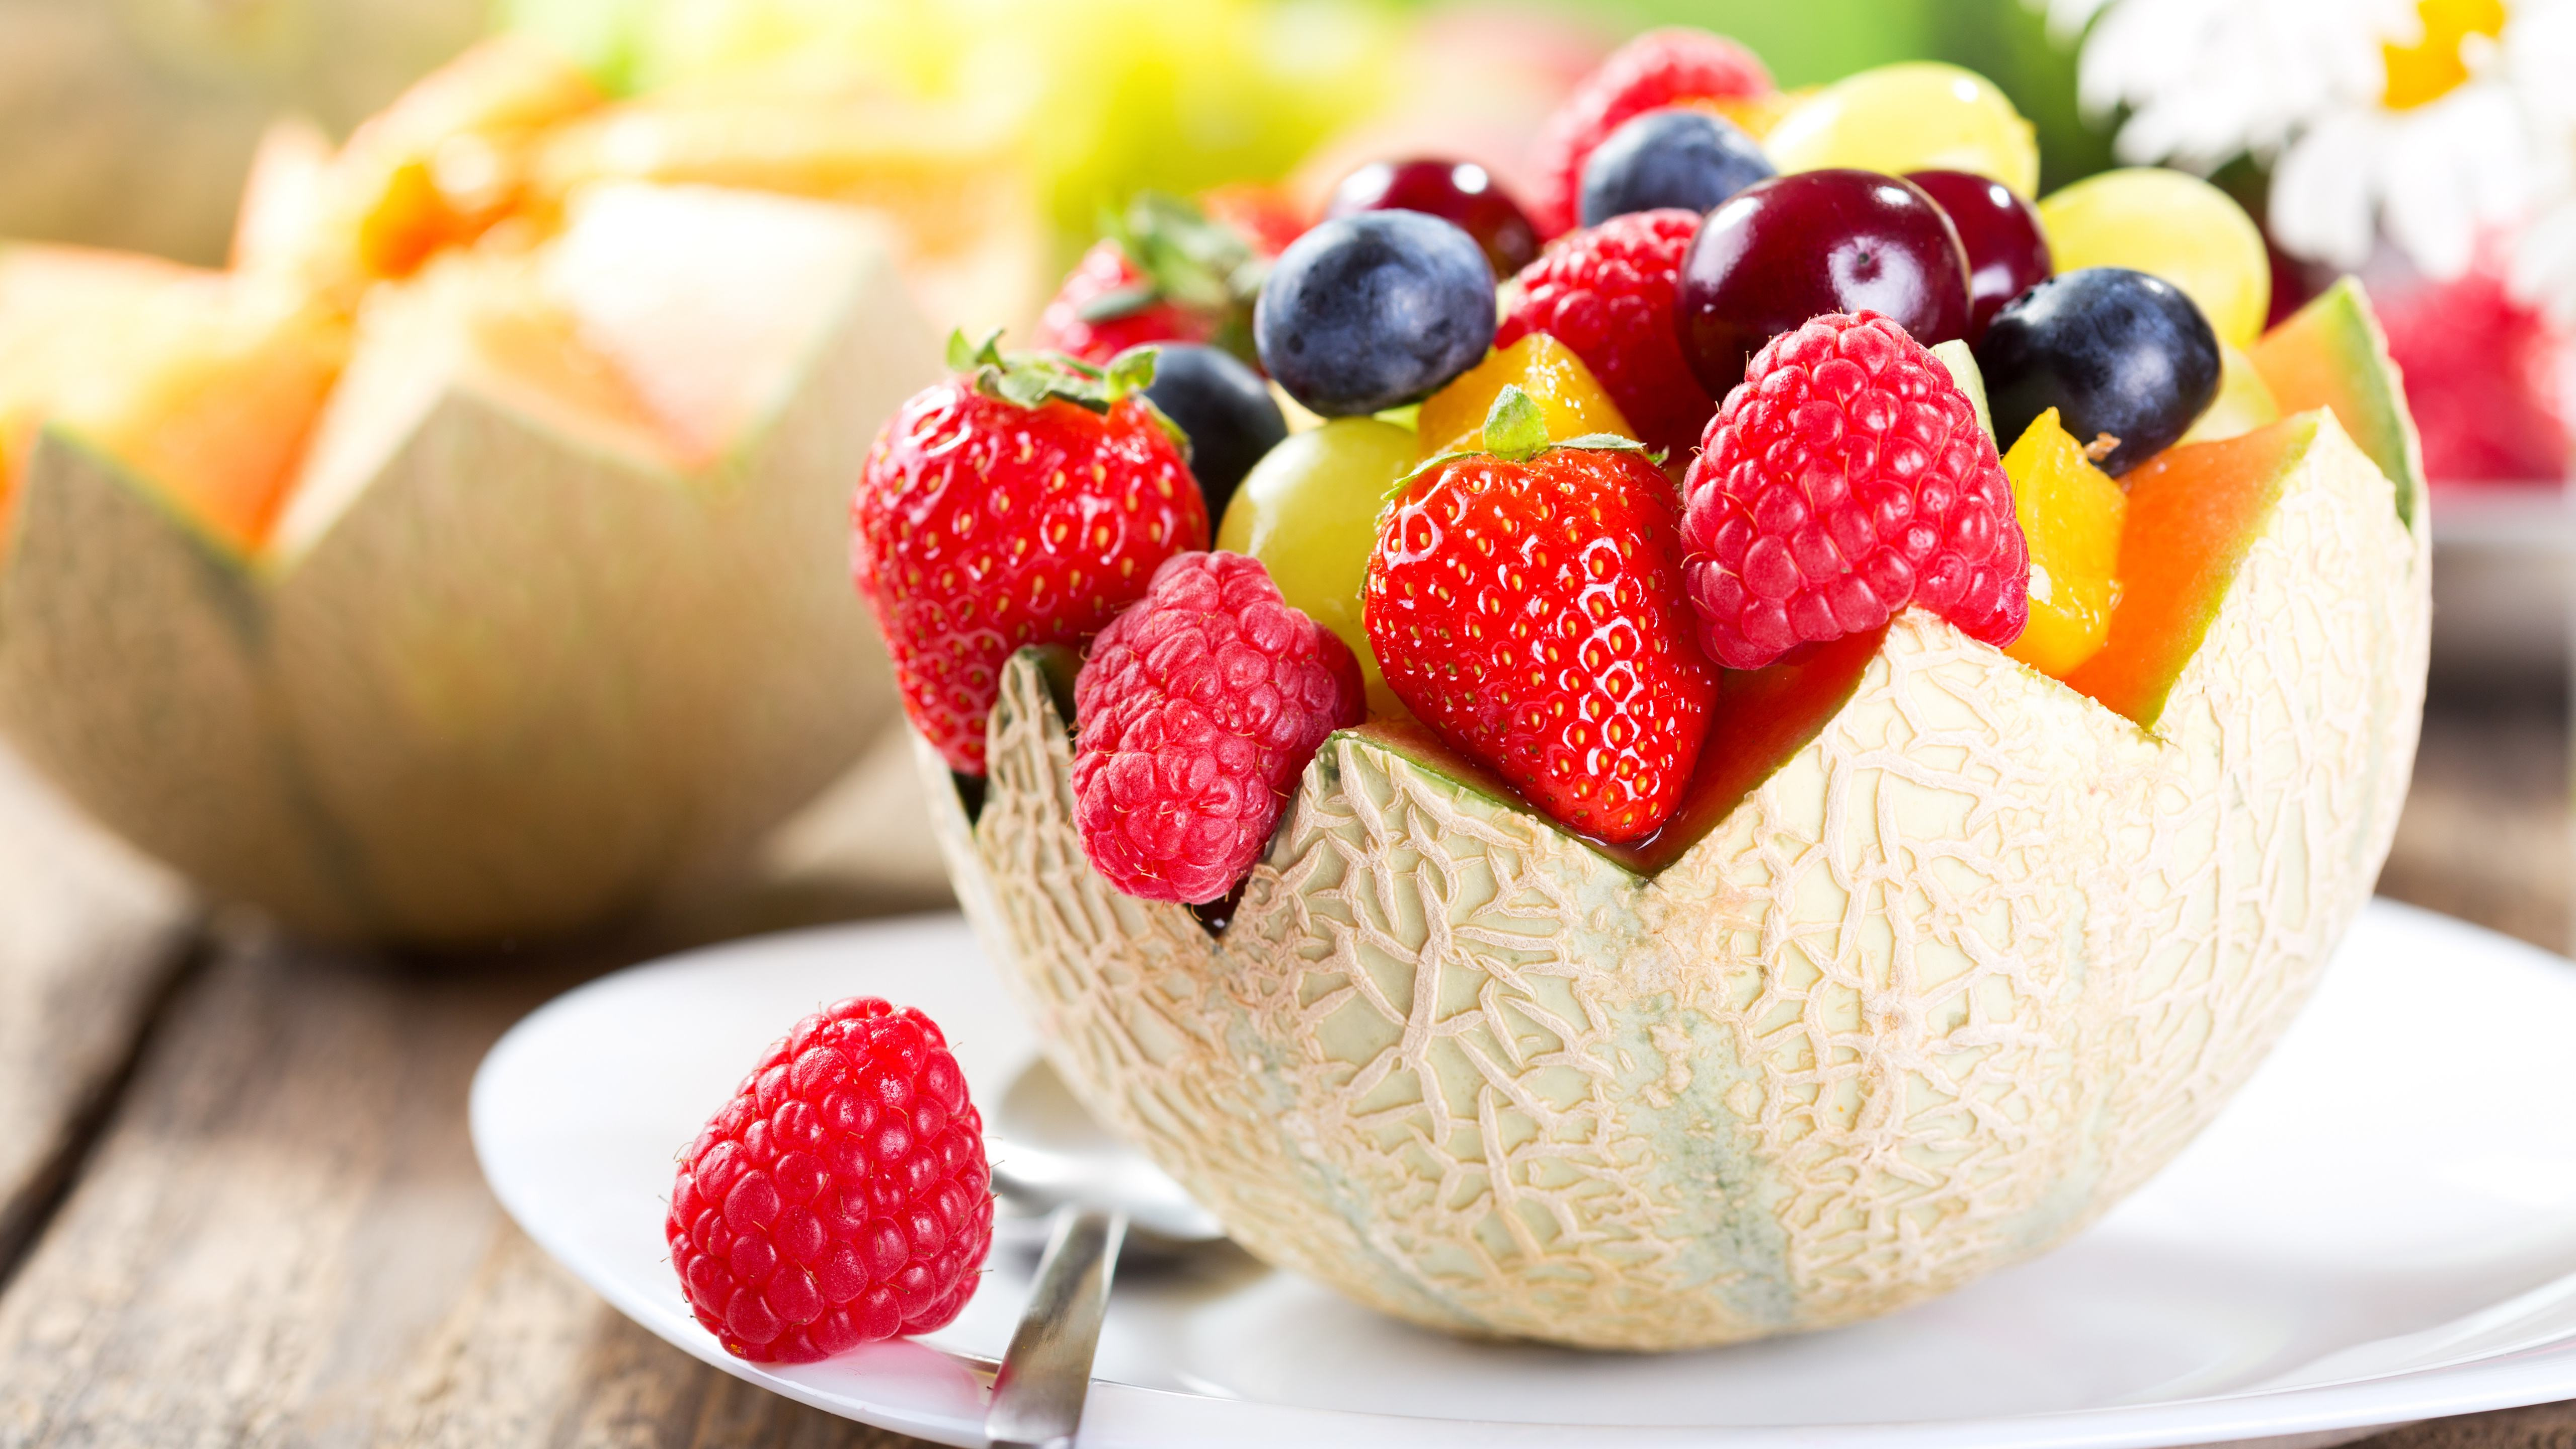 """夏季养生补充微量元素,一口果蔬""""鲜味""""保持供需平衡"""